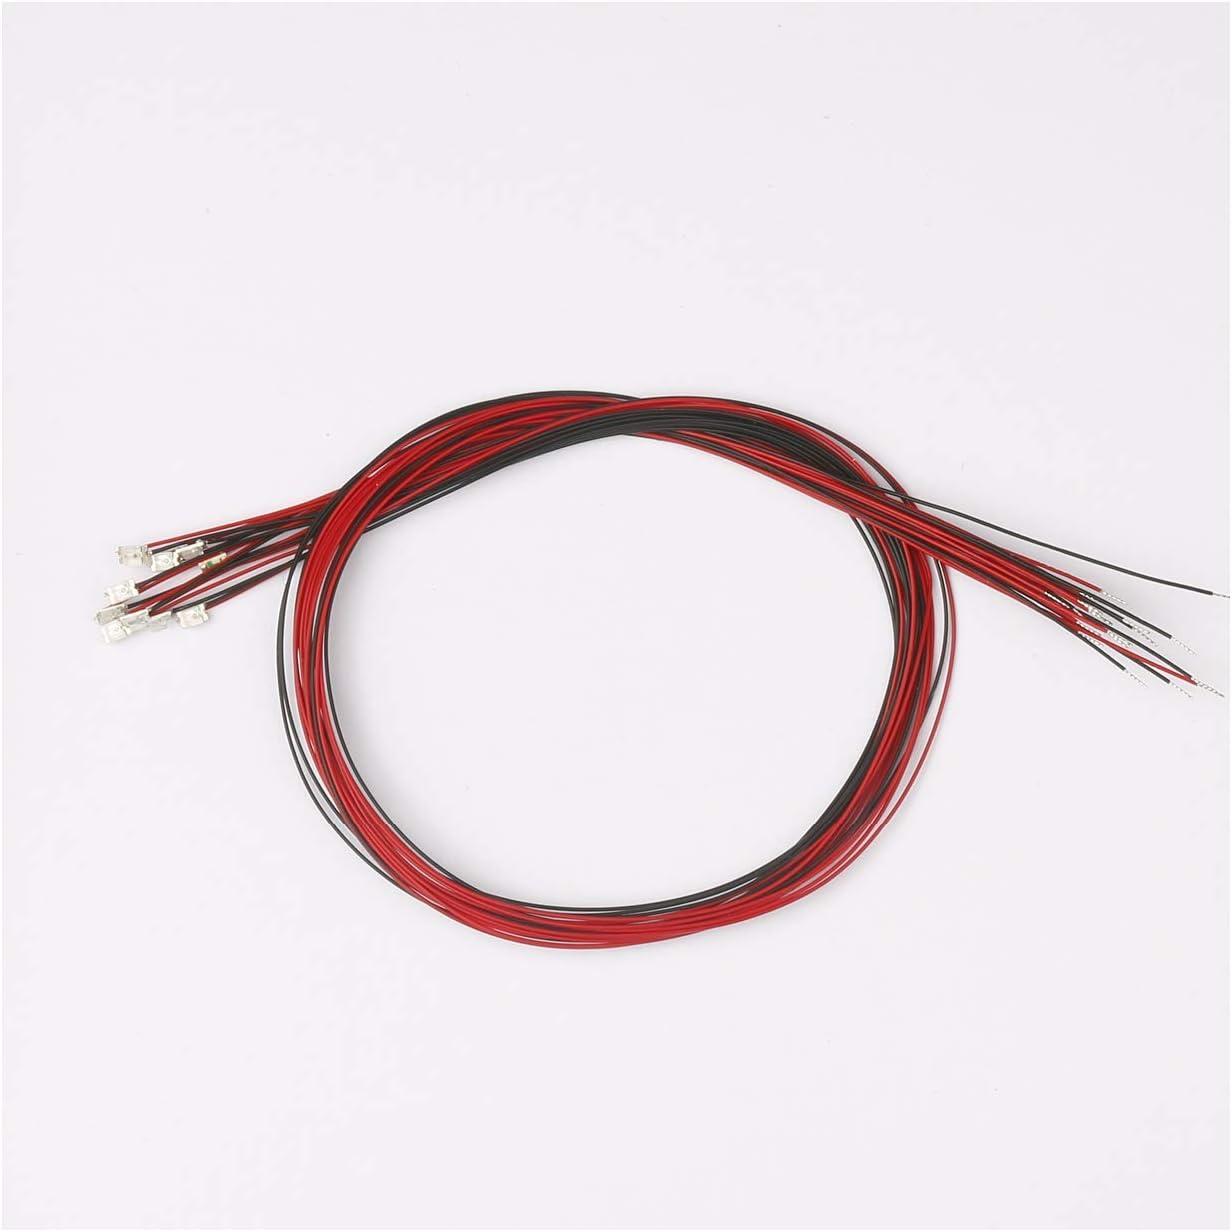 Mini LED verschwei/ßt f/ür Dekoration von Spielzeug 20 St/ück vorverdrahtet 0805 rot SMD LED Leuchtdiode DC 2 V Micro Litz L/änge 7,8 Zoll 20 cm Handwerk